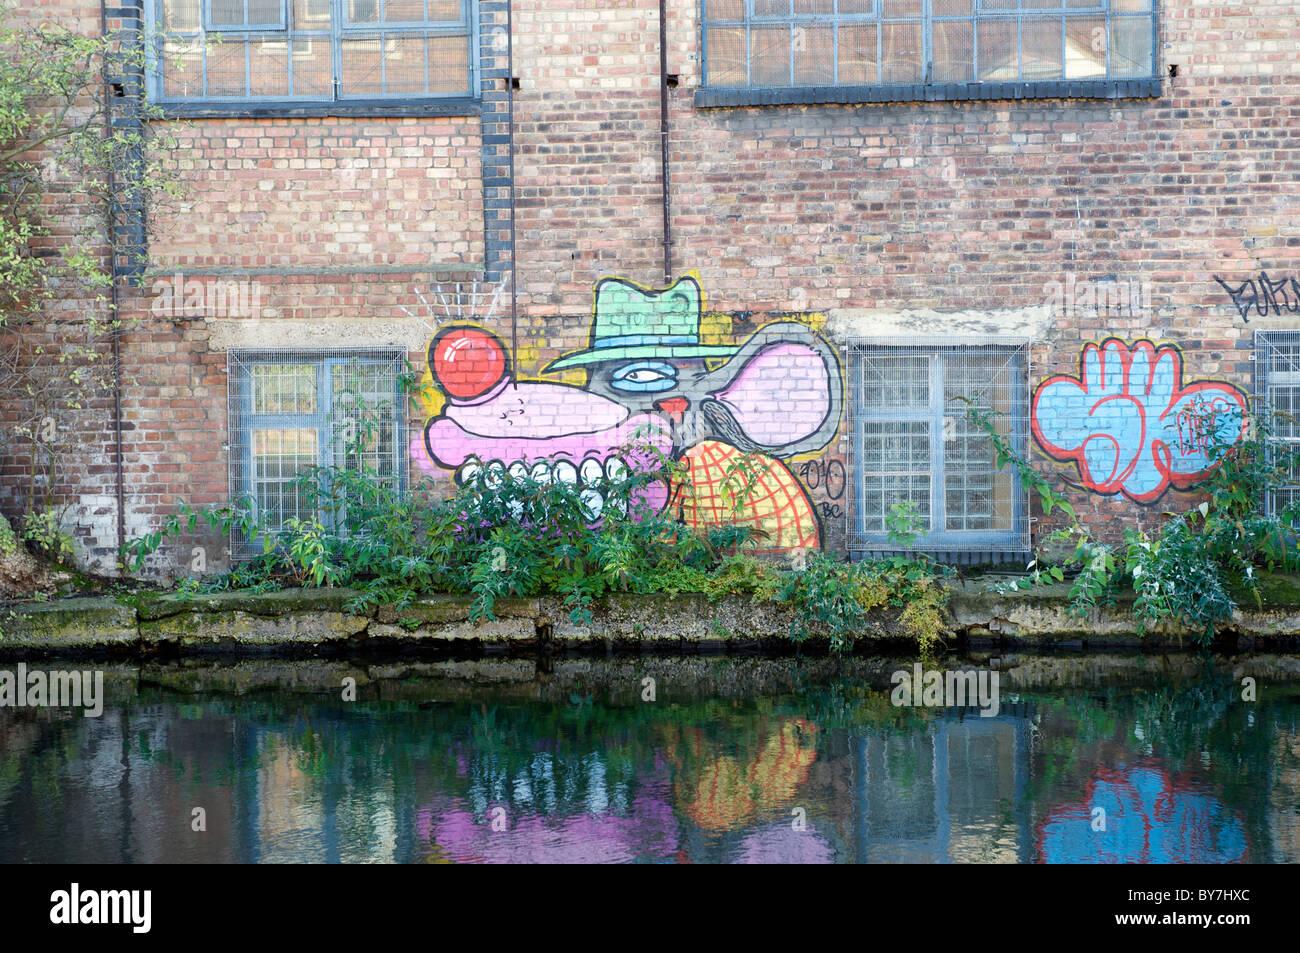 graffiti alongside Regents canal Hackney East London - Stock Image